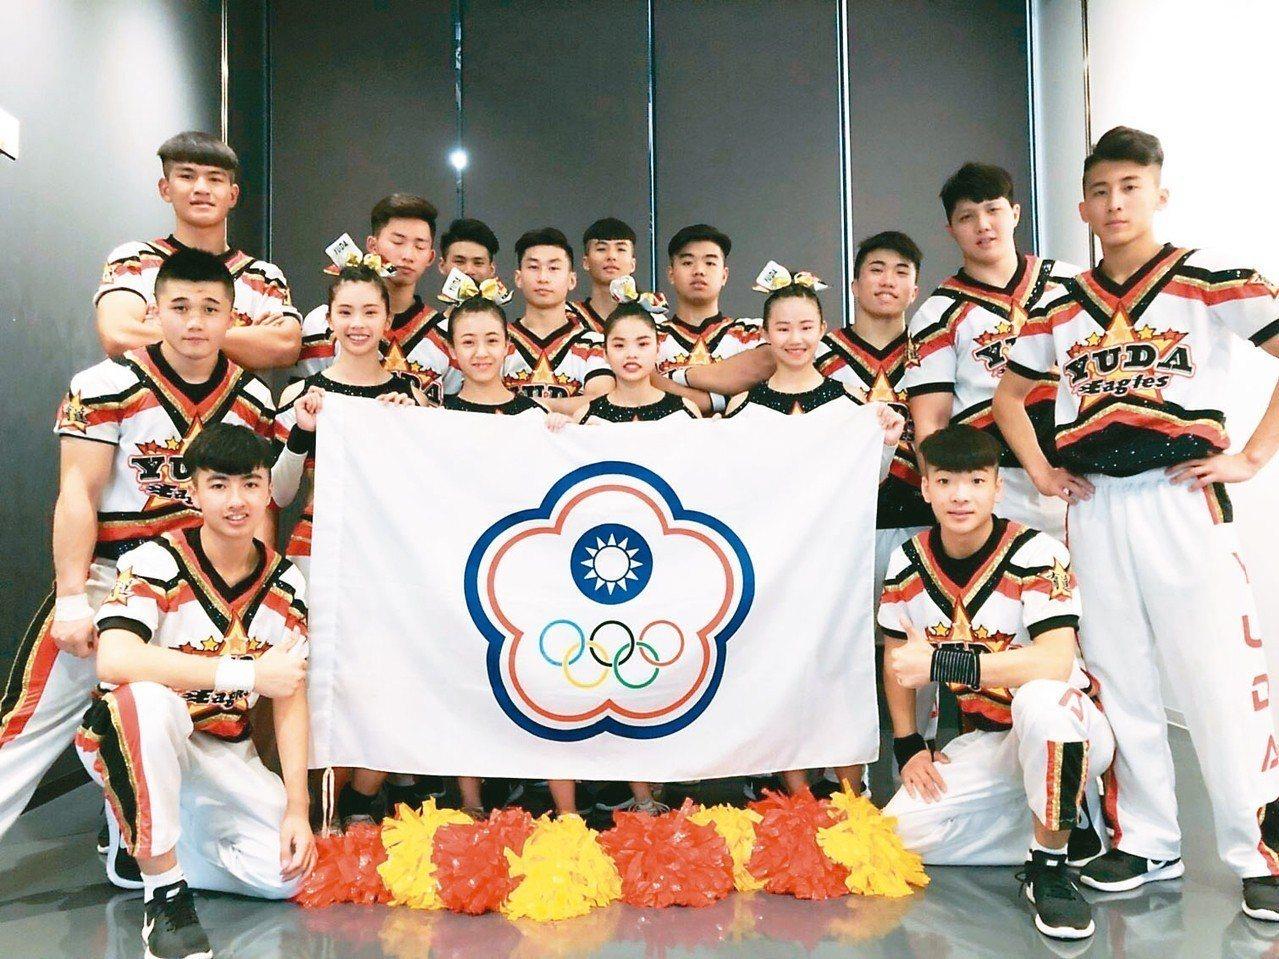 桃園育達高中競技啦啦隊,在2018亞洲青少年啦啦隊賽,勇奪青少年啦啦隊大組亞軍。...